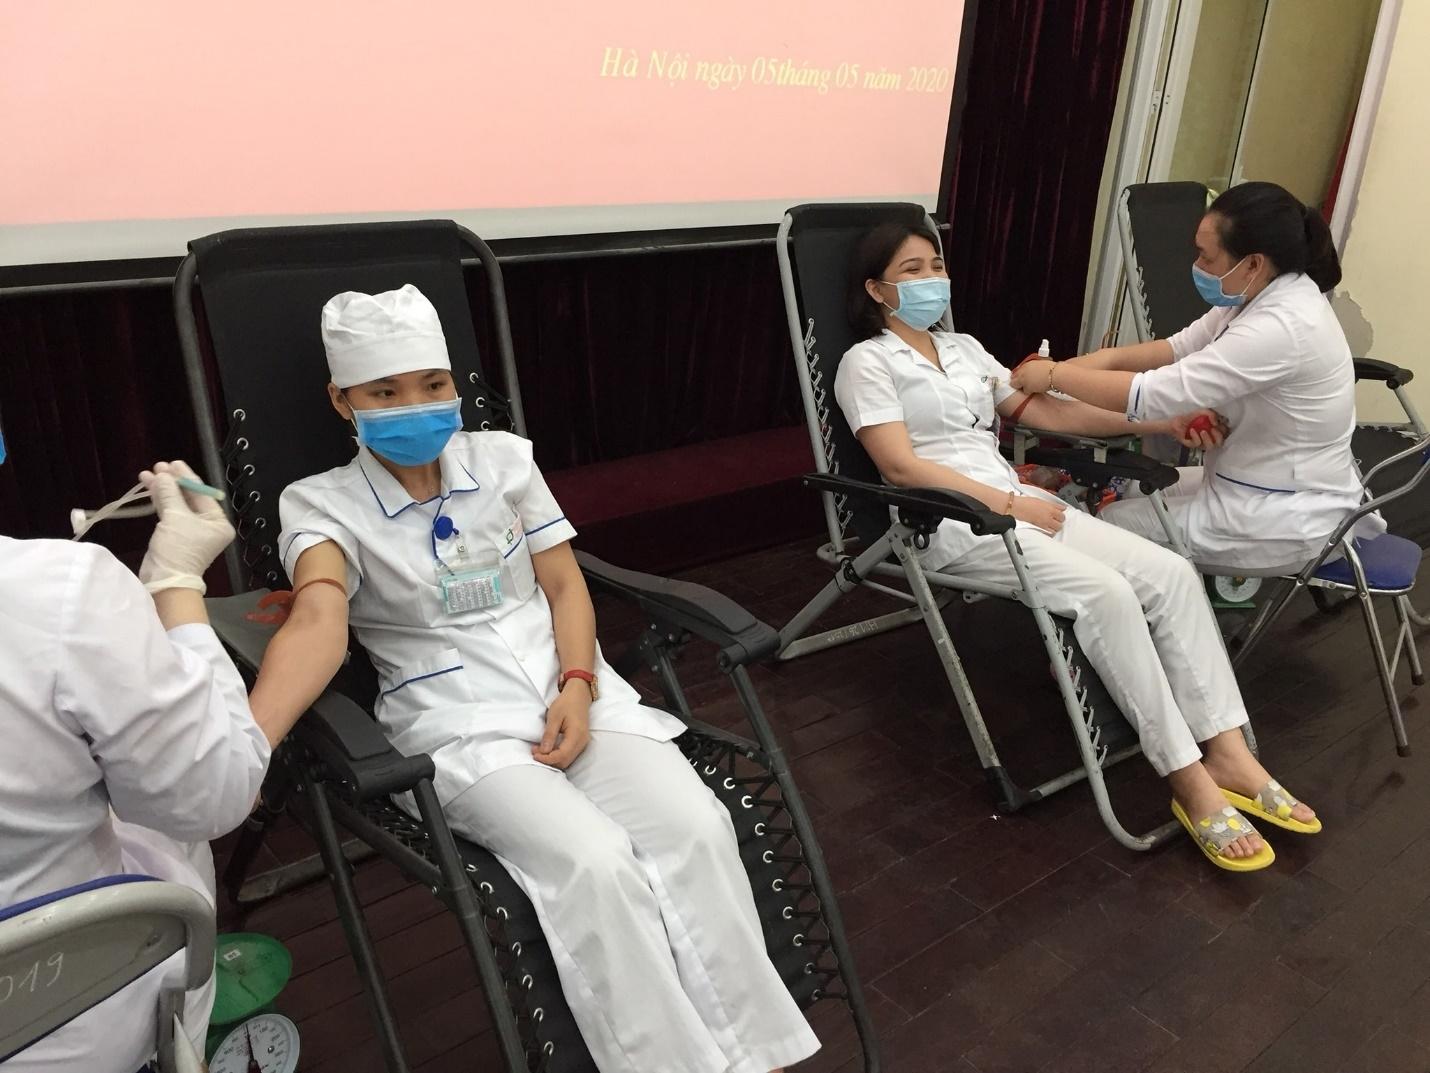 Công đoàn Xây dựng Việt Nam: Vận động người lao động tham gia hiến máu tình nguyện